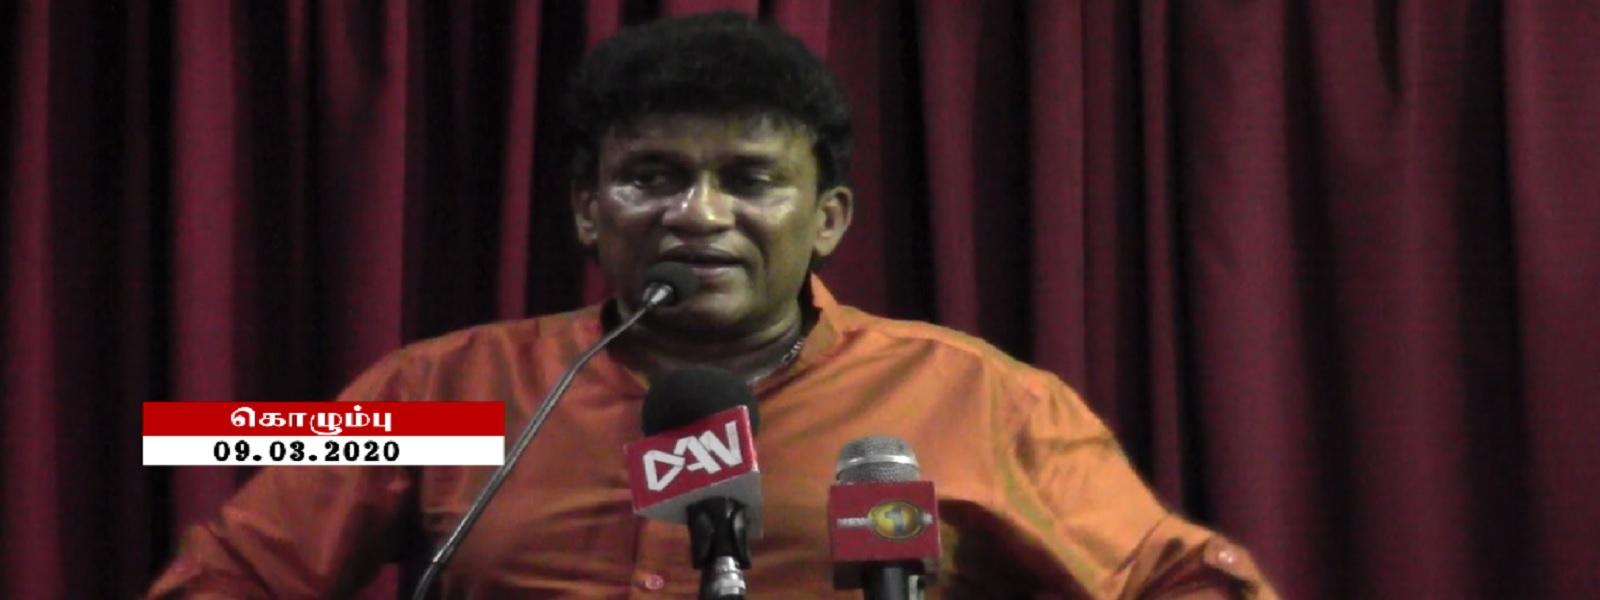 மலையக பிரதிநிதிகள் வடக்கில் வேட்பாளர்களாக நியமிக்கப்பட வேண்டும்: மனோ கணேசன் வலியுறுத்தல்